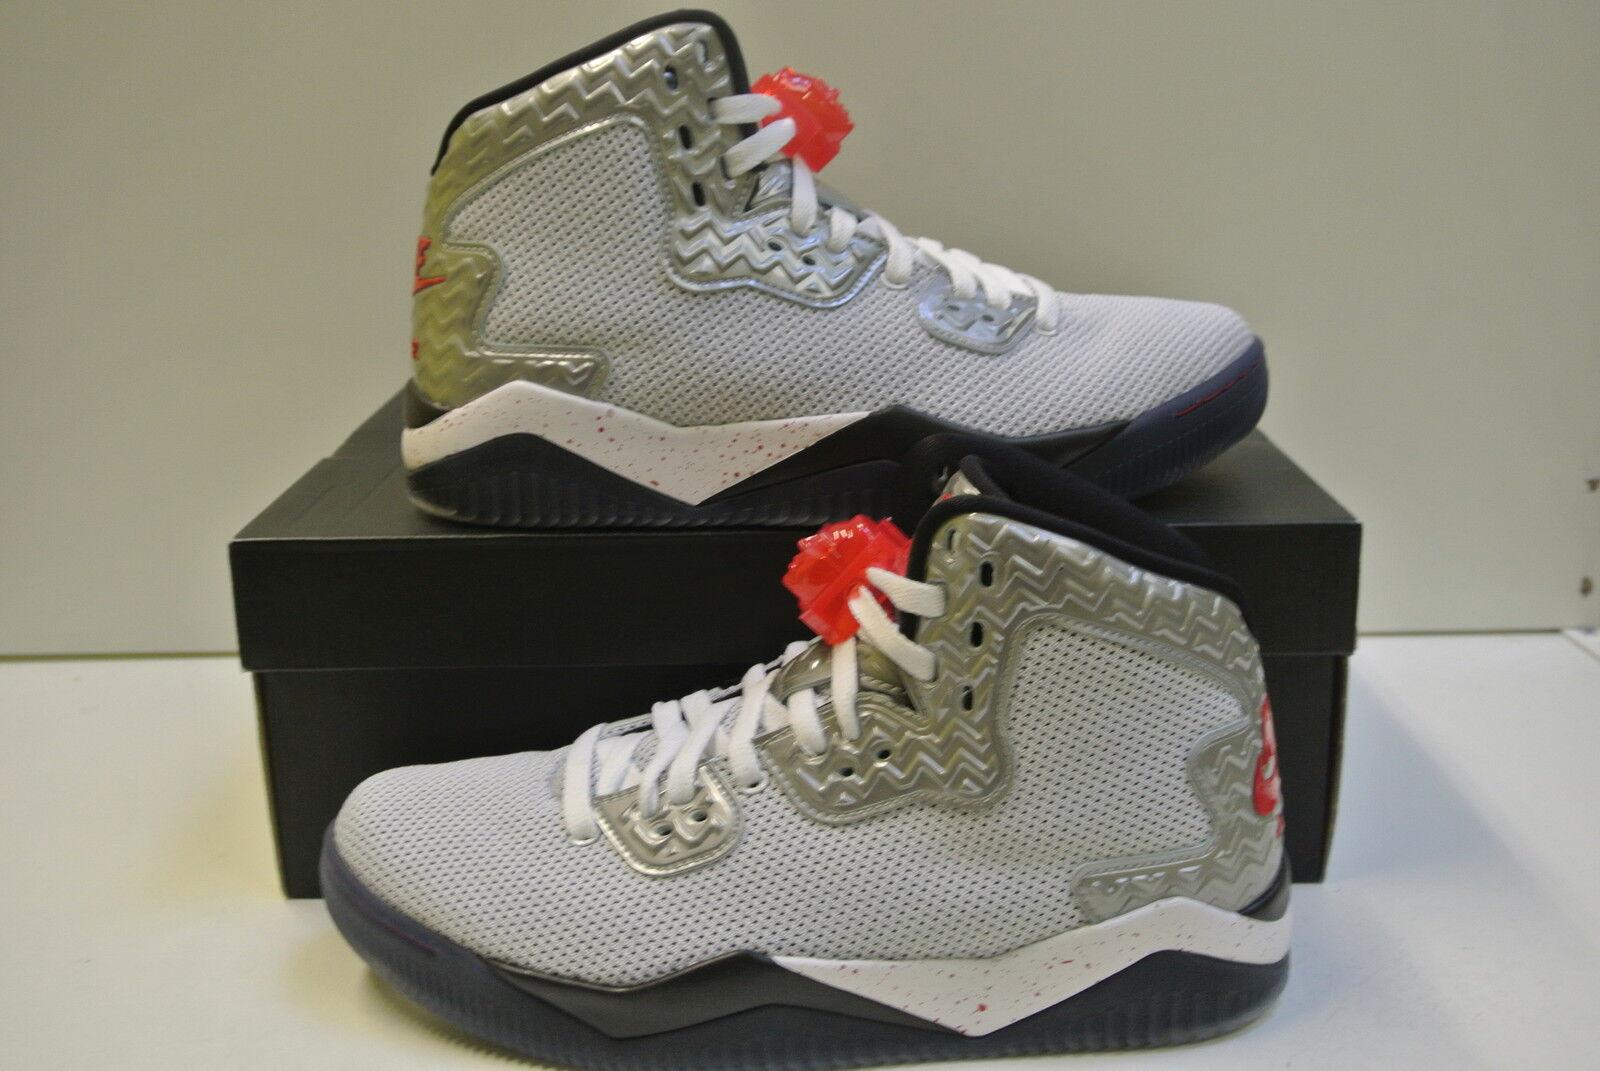 Nike Air Jordan Spike Forty Polyethylene Packaging Size 42 Us 8,5 Nip 807541 101